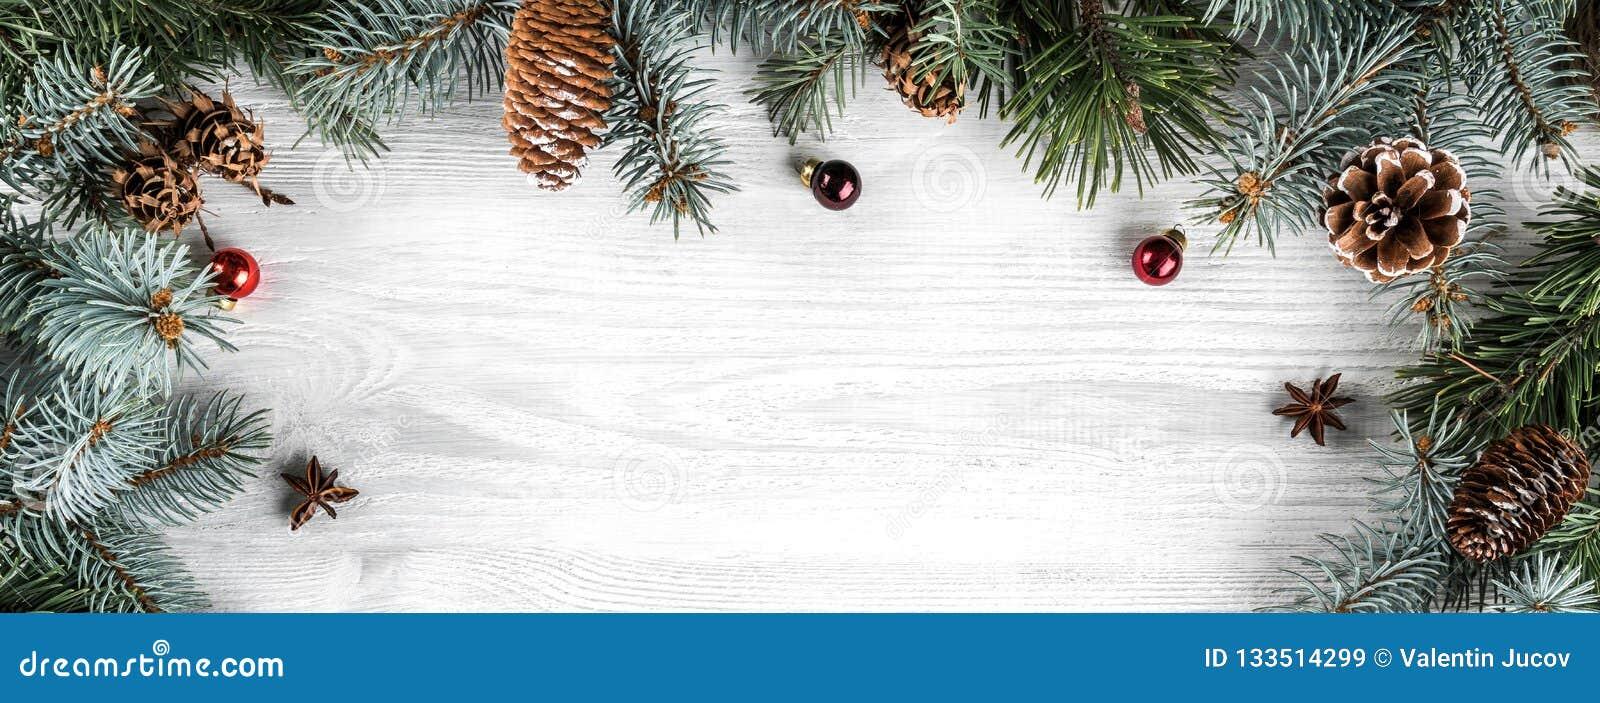 创造性的框架由圣诞节冷杉分支做成在与红色装饰的白色木背景